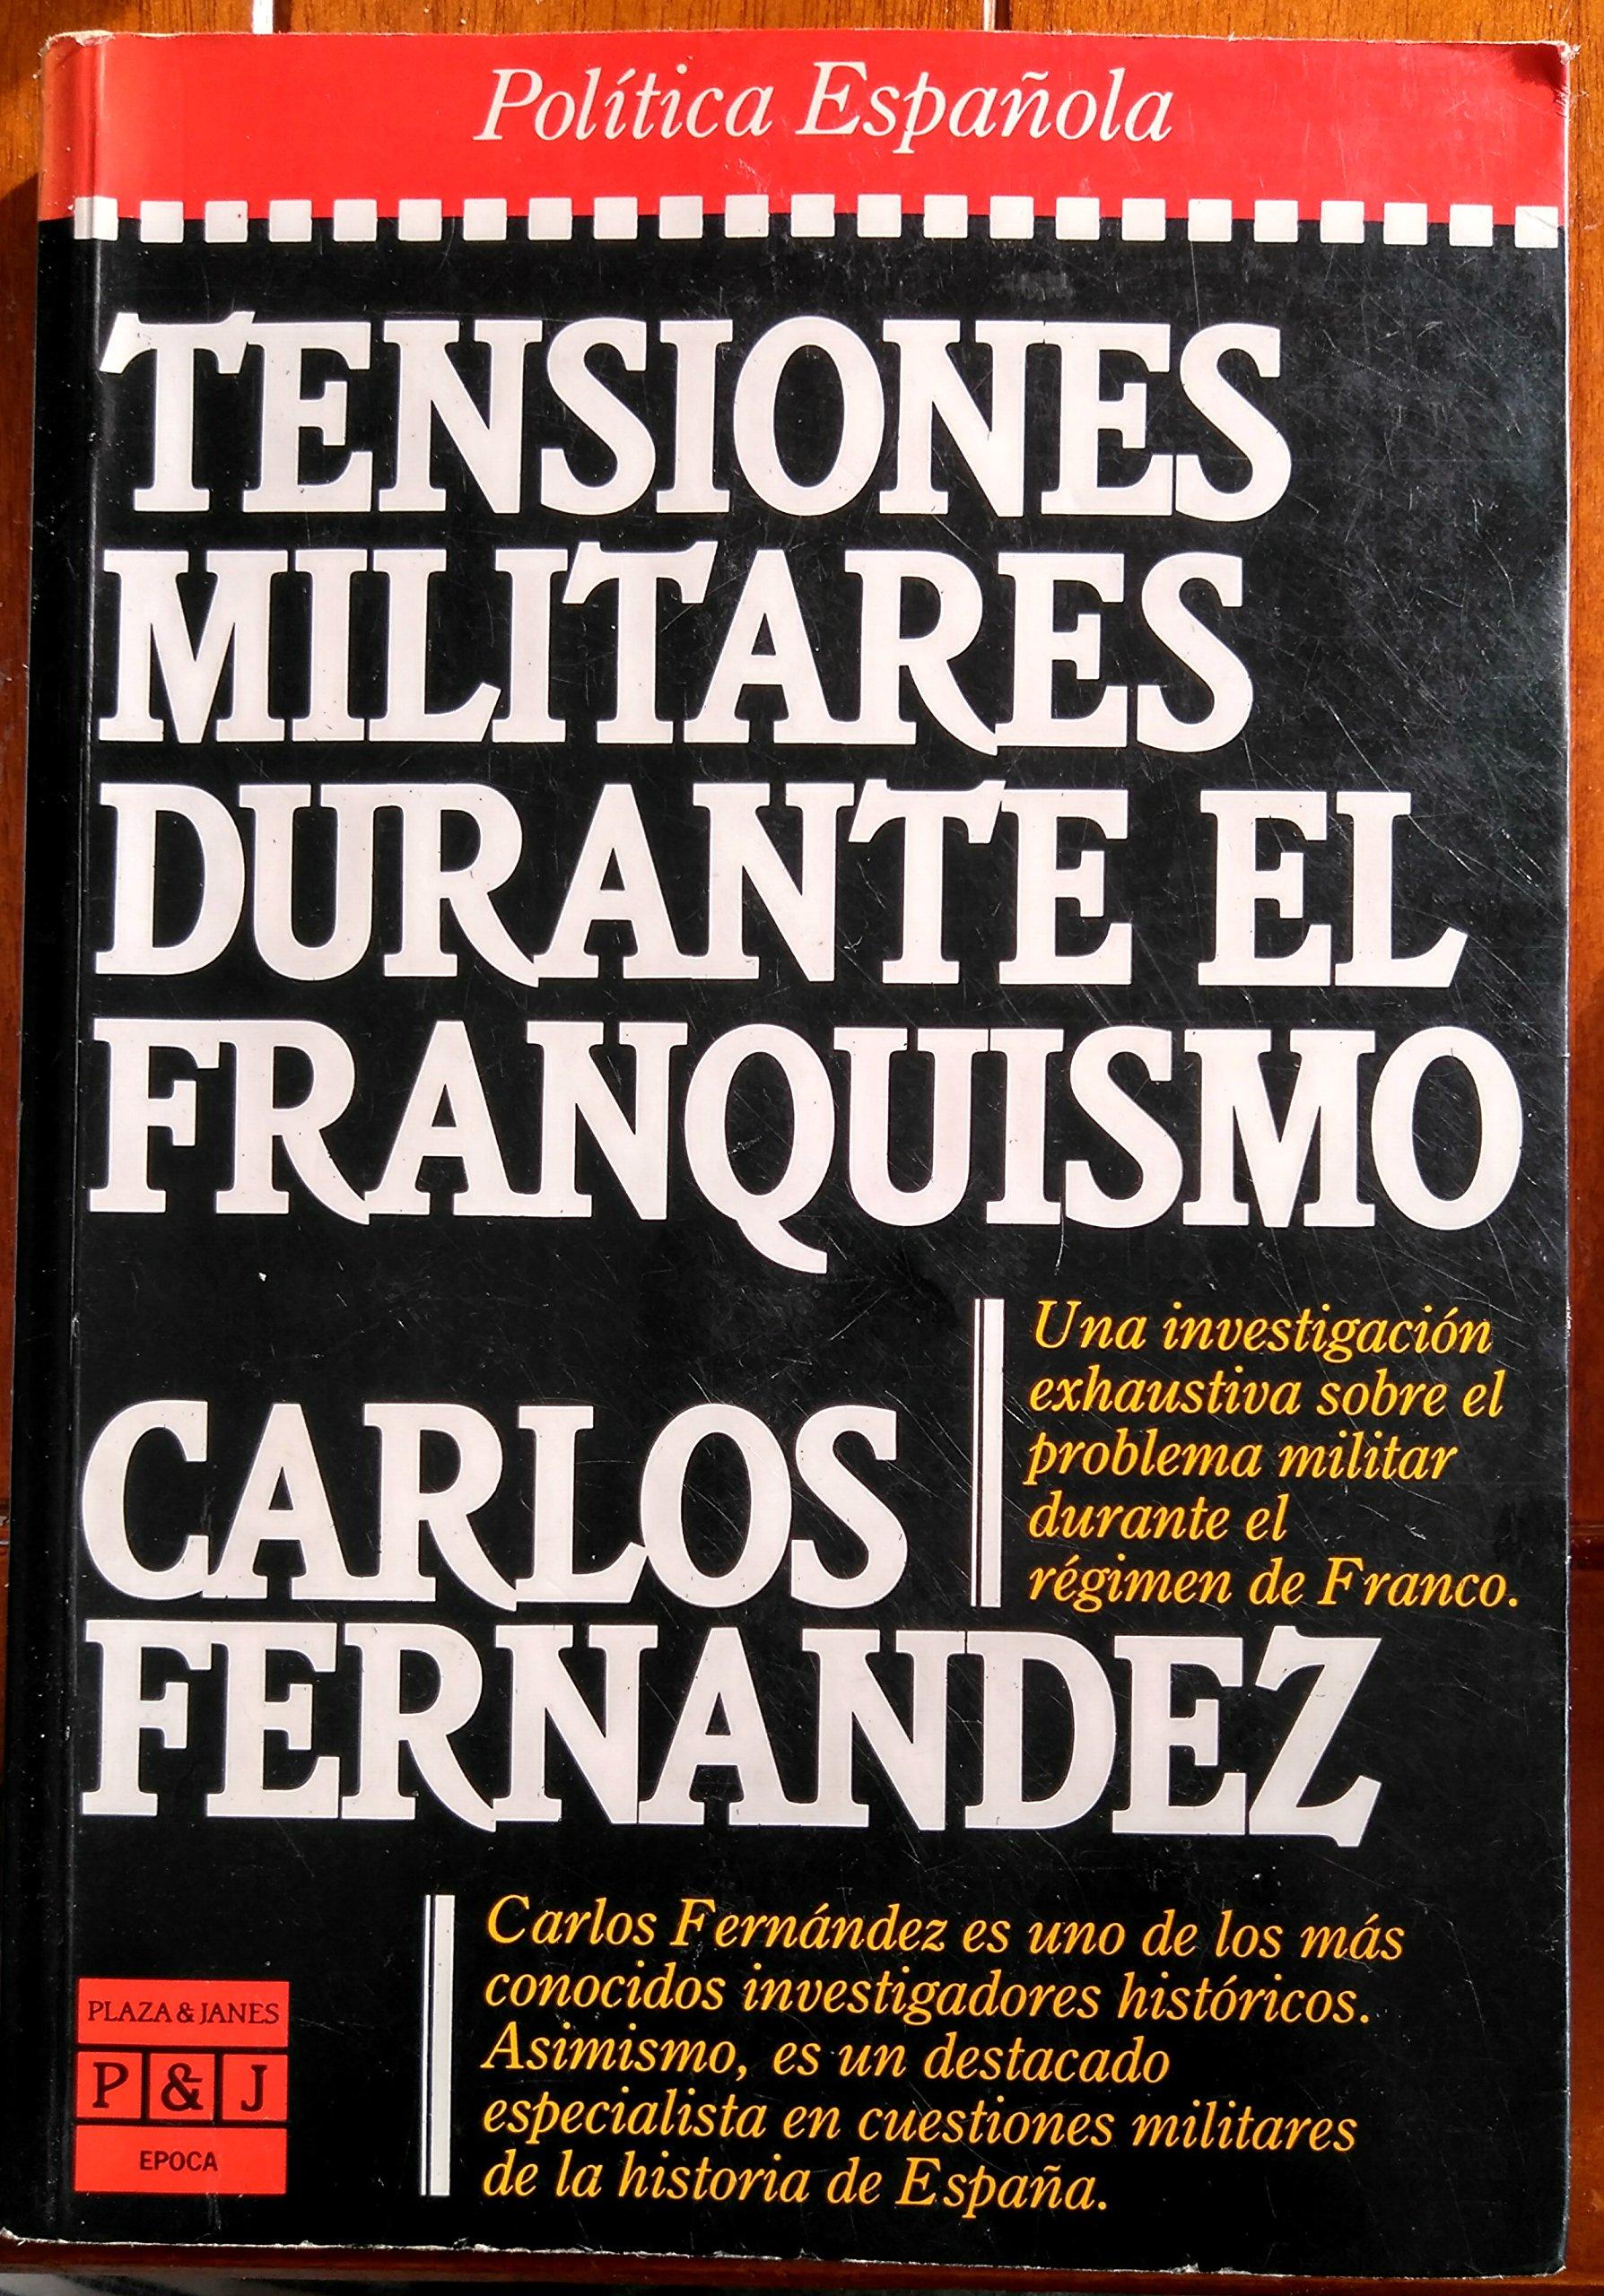 Tensiones militares durante el franquismo Colección Época. Pol¸tica española: Amazon.es: Fernández, Carlos: Libros en idiomas extranjeros